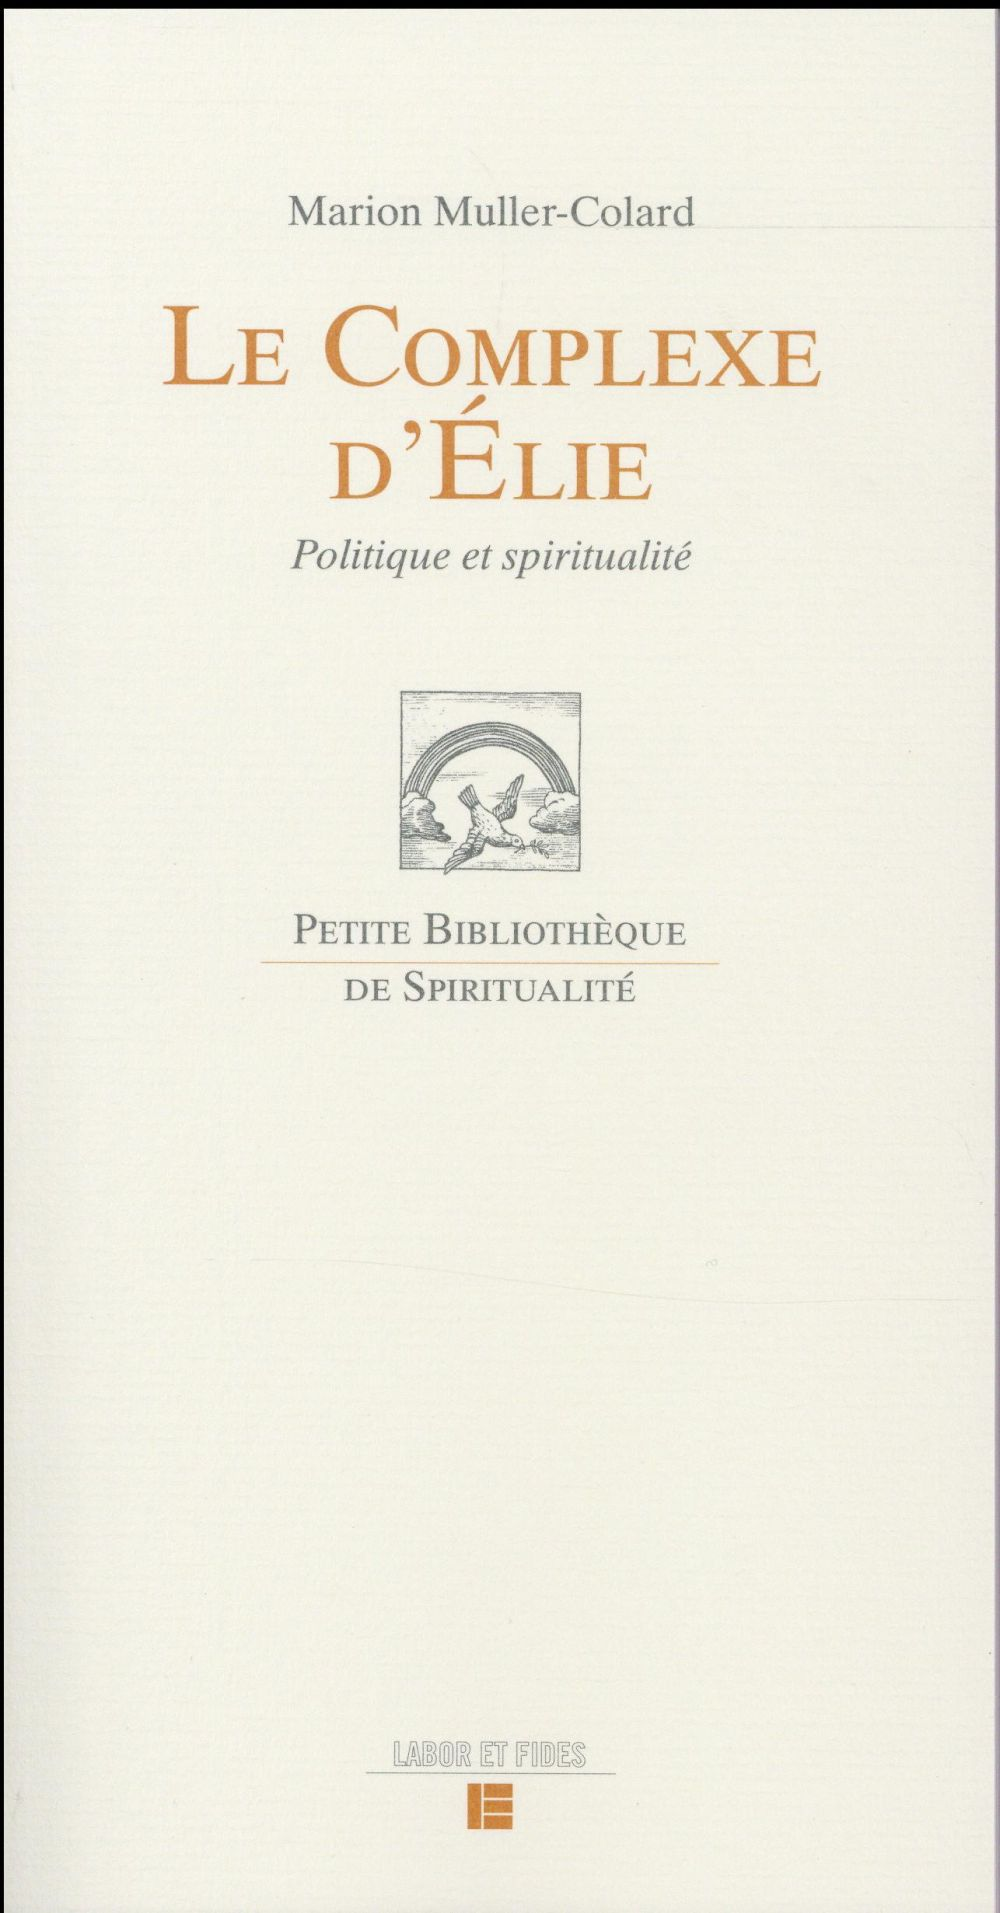 LE COMPLEXE D'ELIE